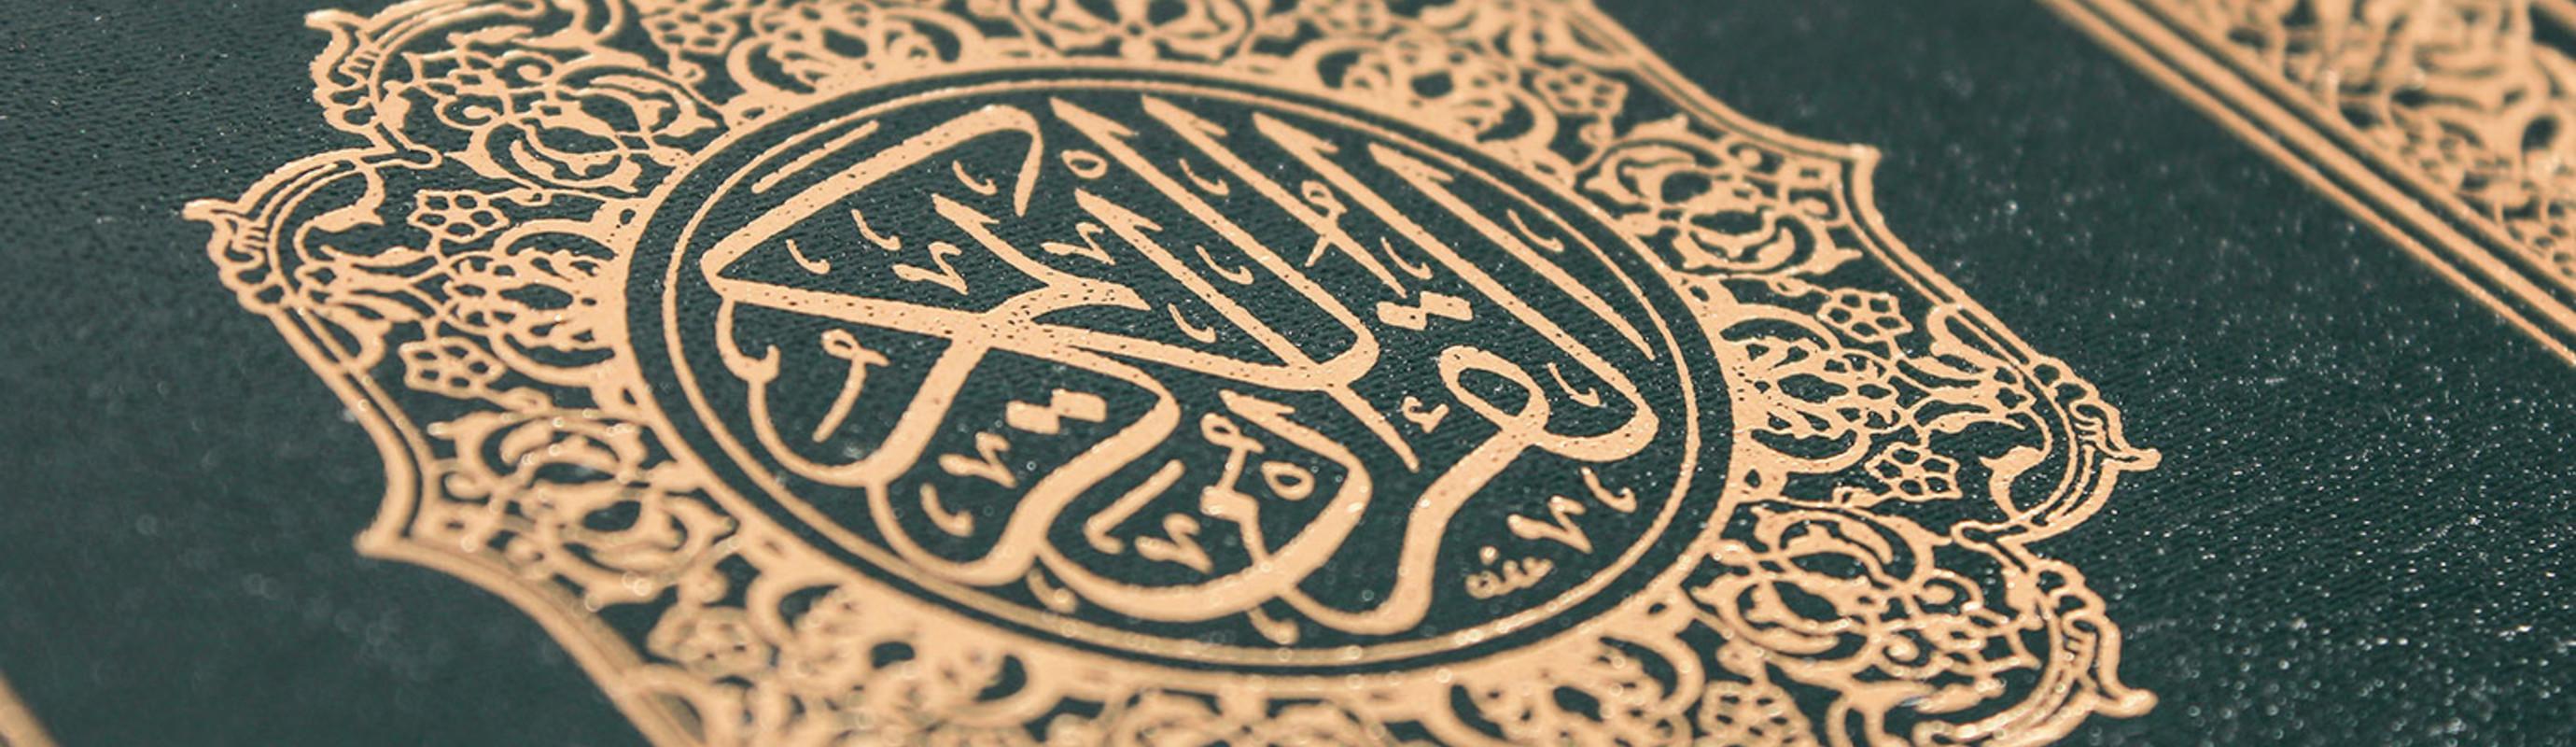 Holy Quran - tafsir series, episode 3.